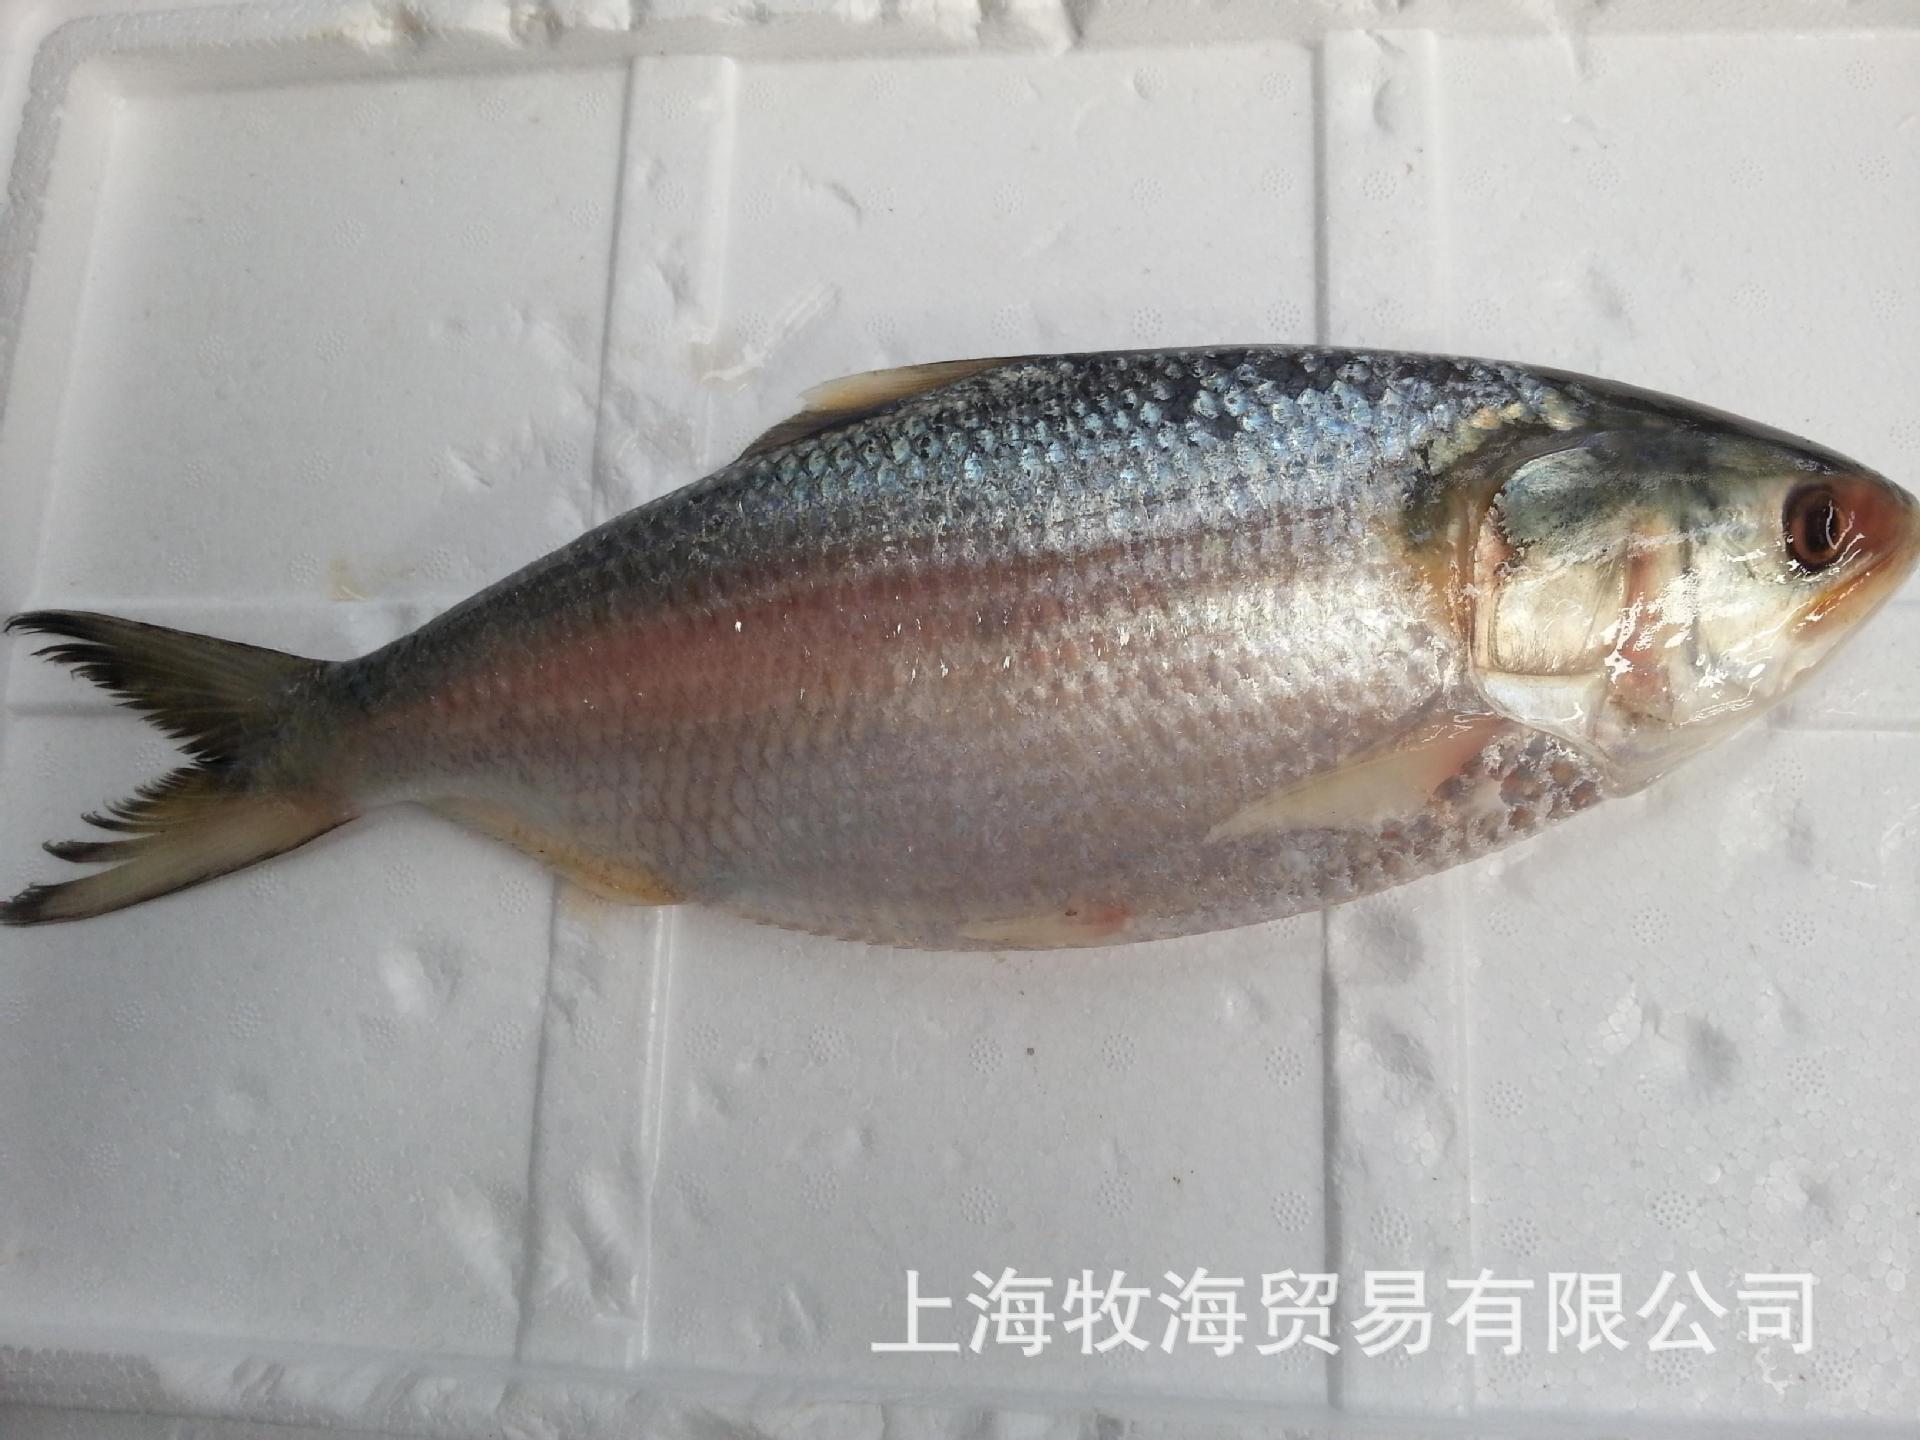 鲥鱼,鲜鱼, 图片_高清大图 - 阿里巴巴